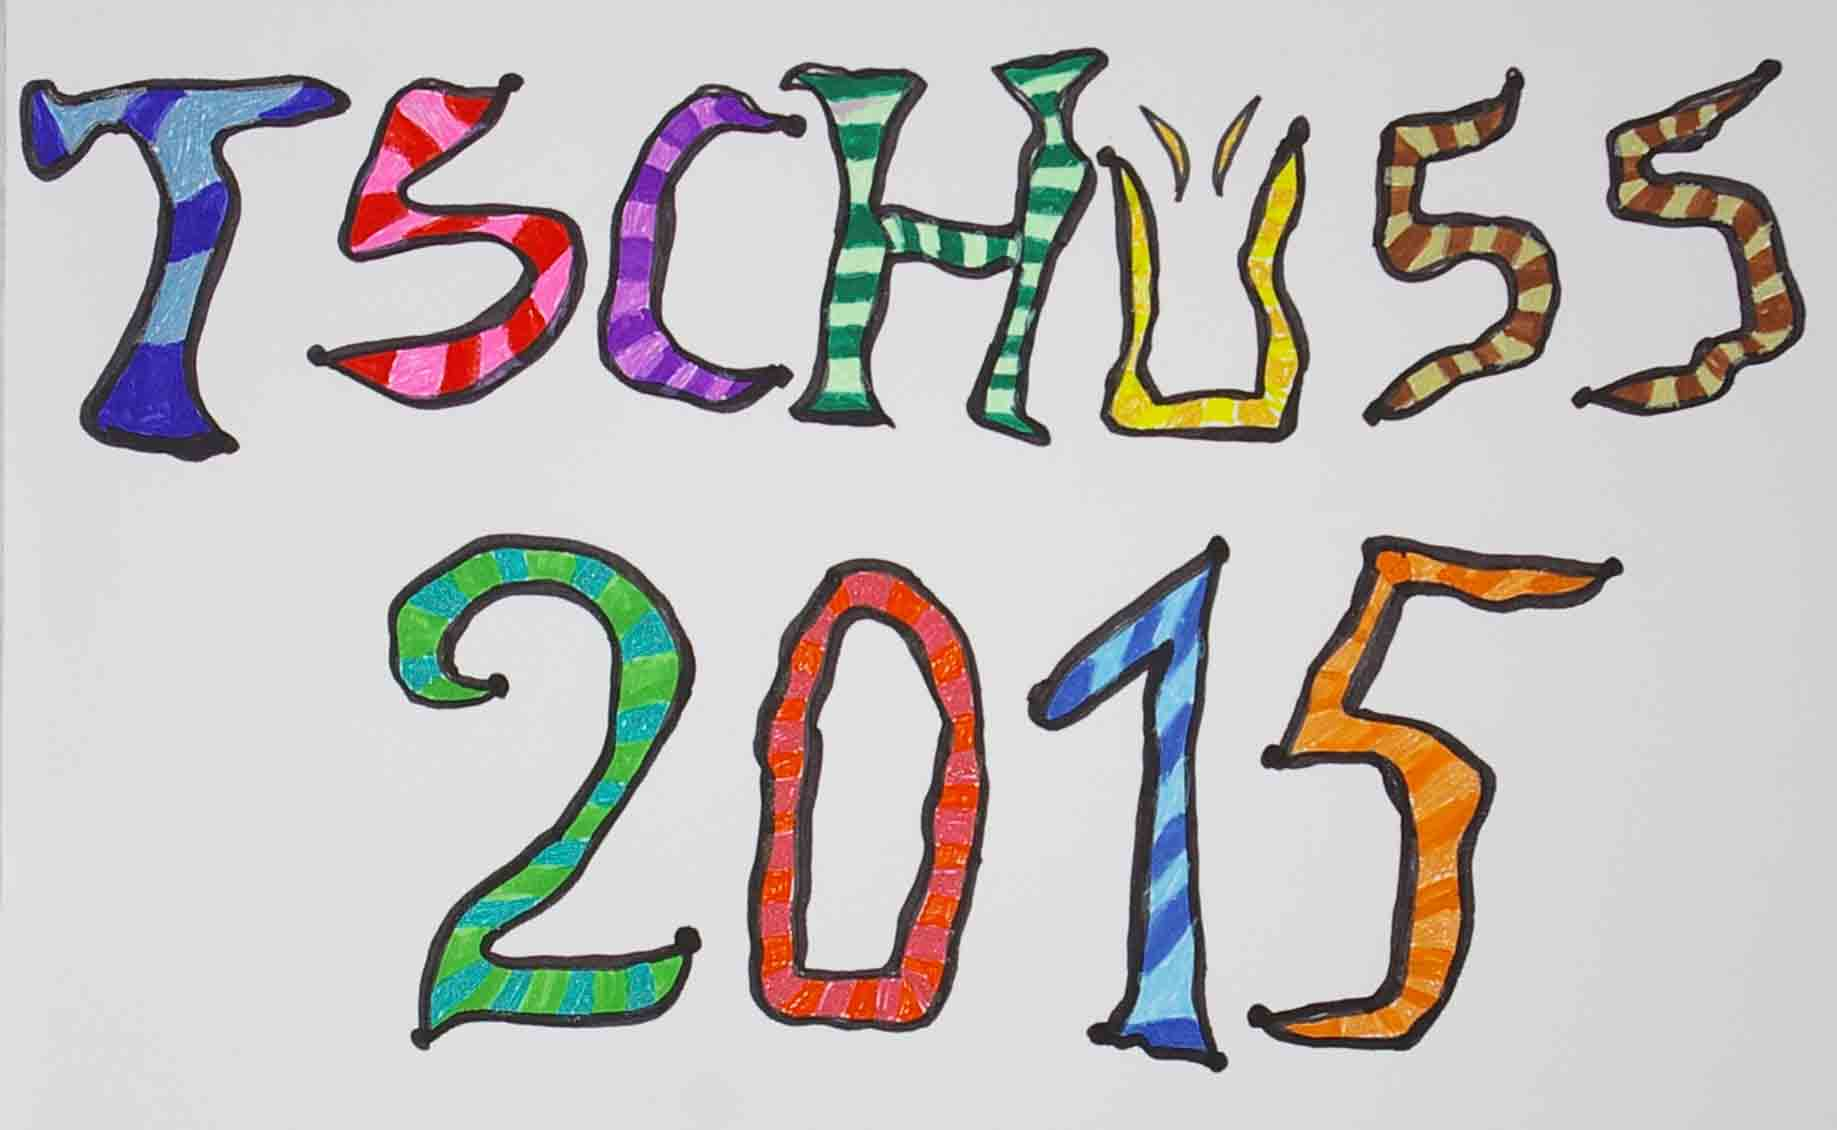 Tschuess 2015